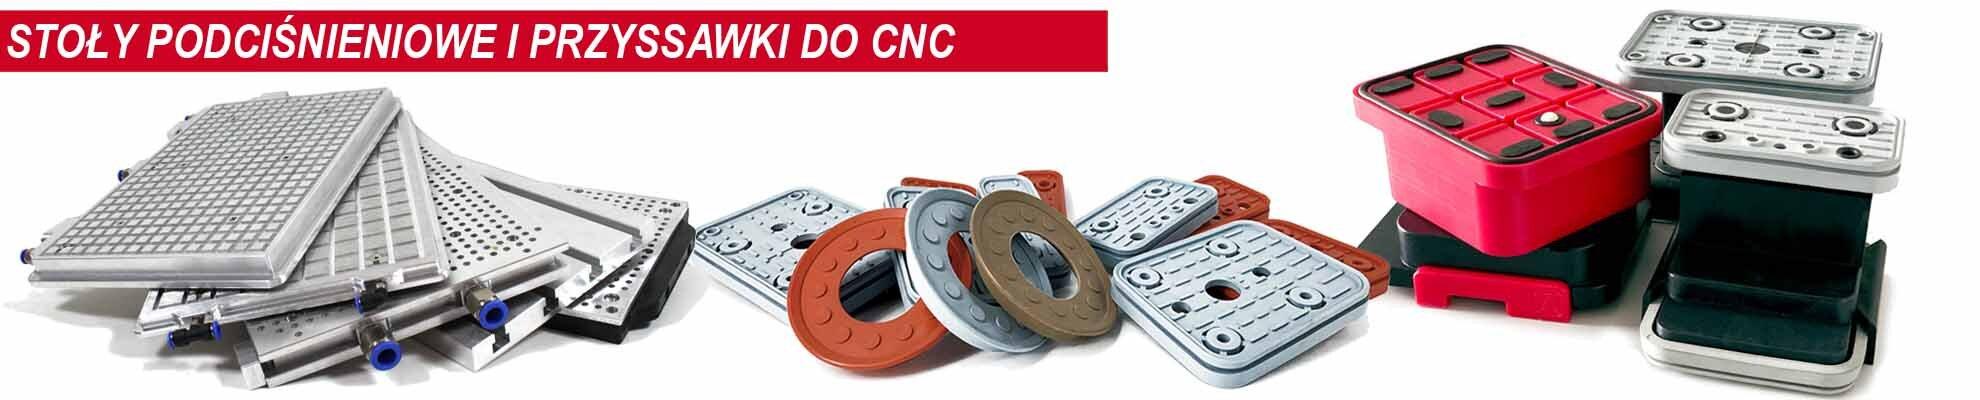 Technika próżniowa - stoły podciśnieniowe przyssawki CNC